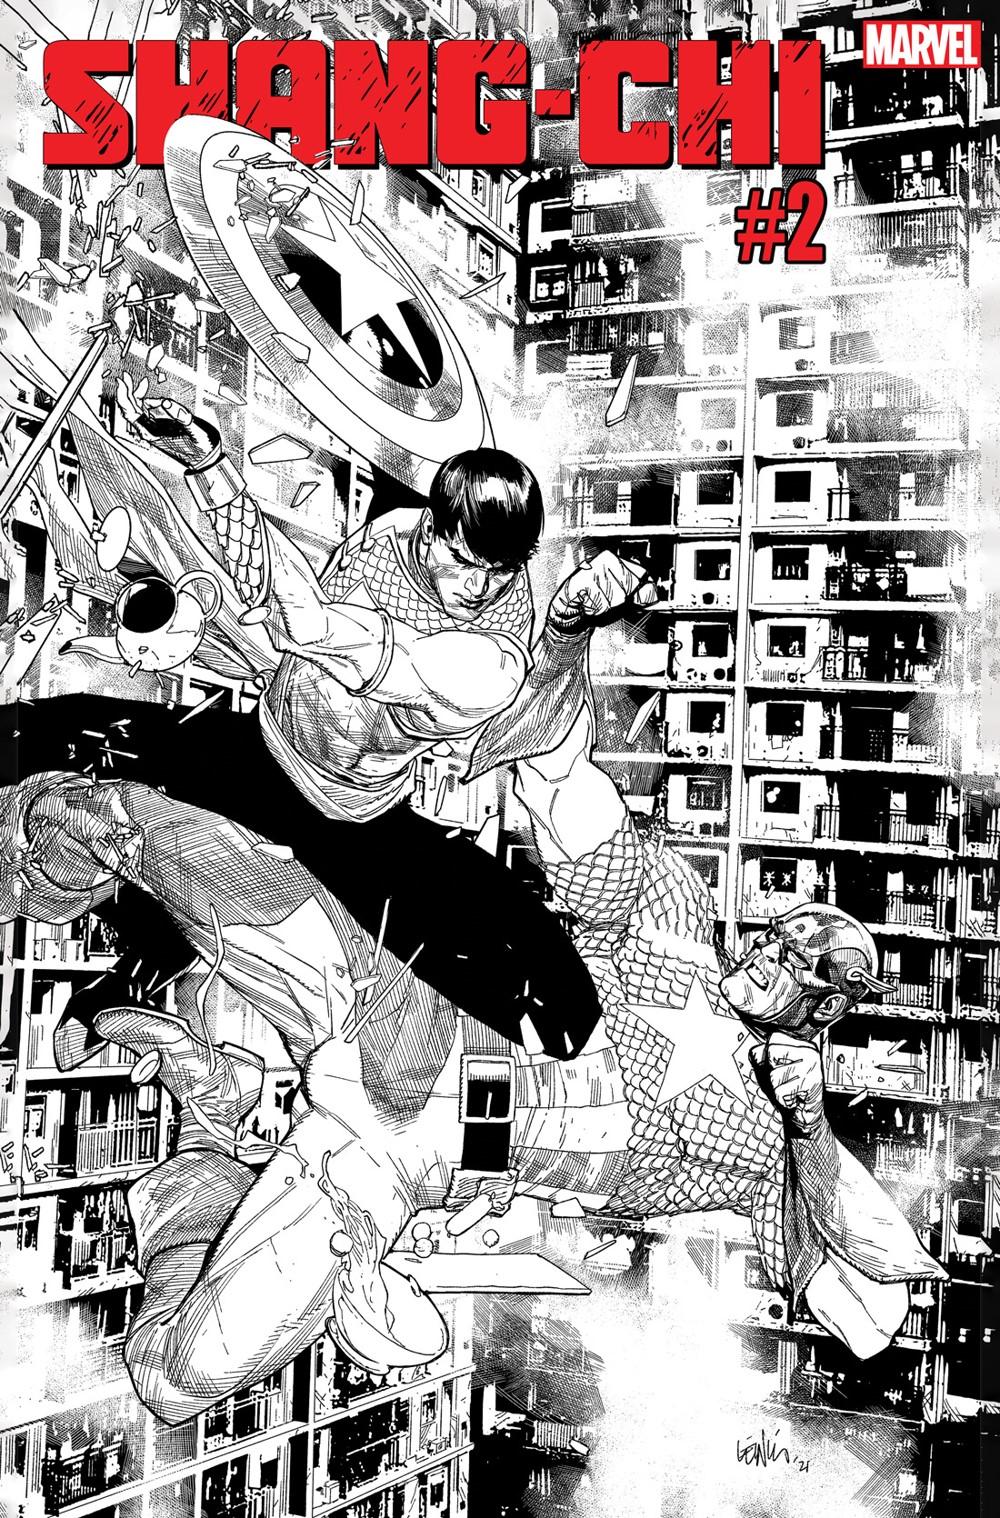 SHANGCHI2021002_SecondPrint ComicList: Marvel Comics New Releases for 08/04/2021